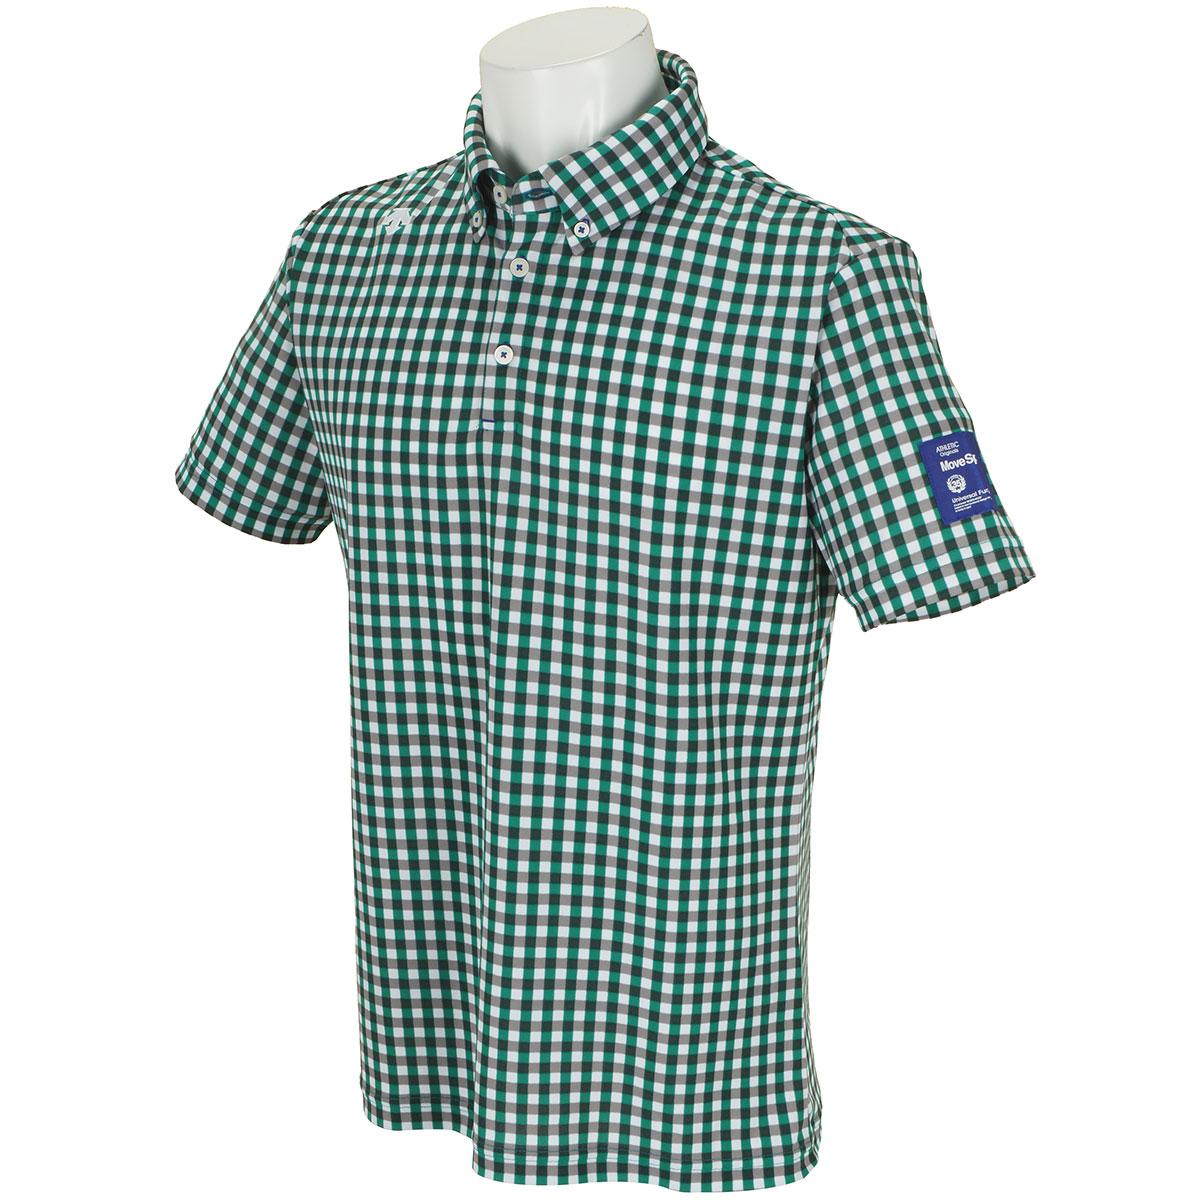 チェックプリント鹿の子 ボタンダウン半袖ポロシャツ